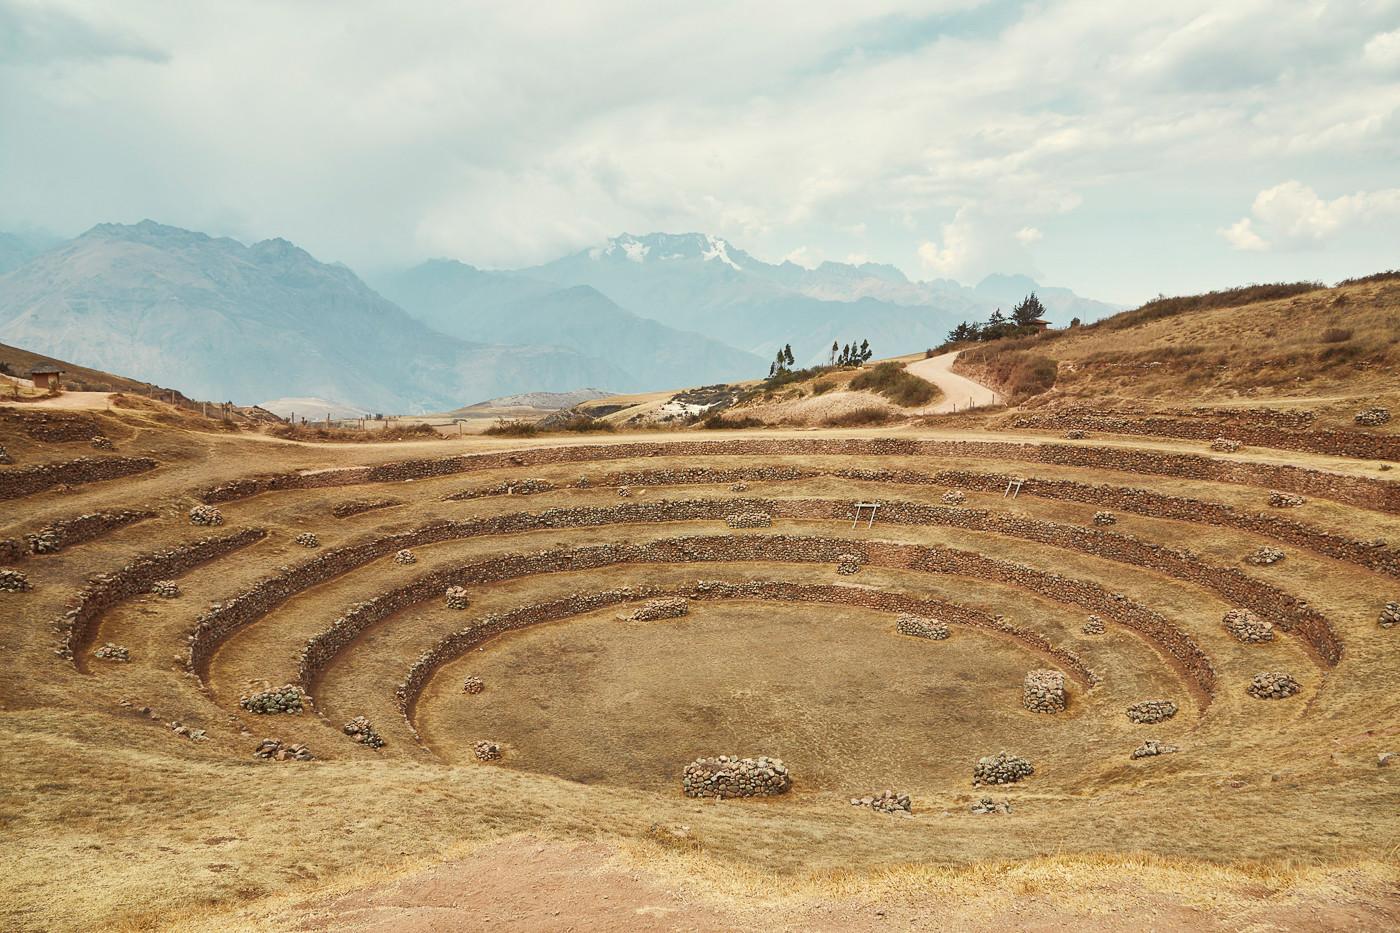 Die kreisförmig angeordneten Terrassen von Moray im heiligen Tal der Inka in Peru